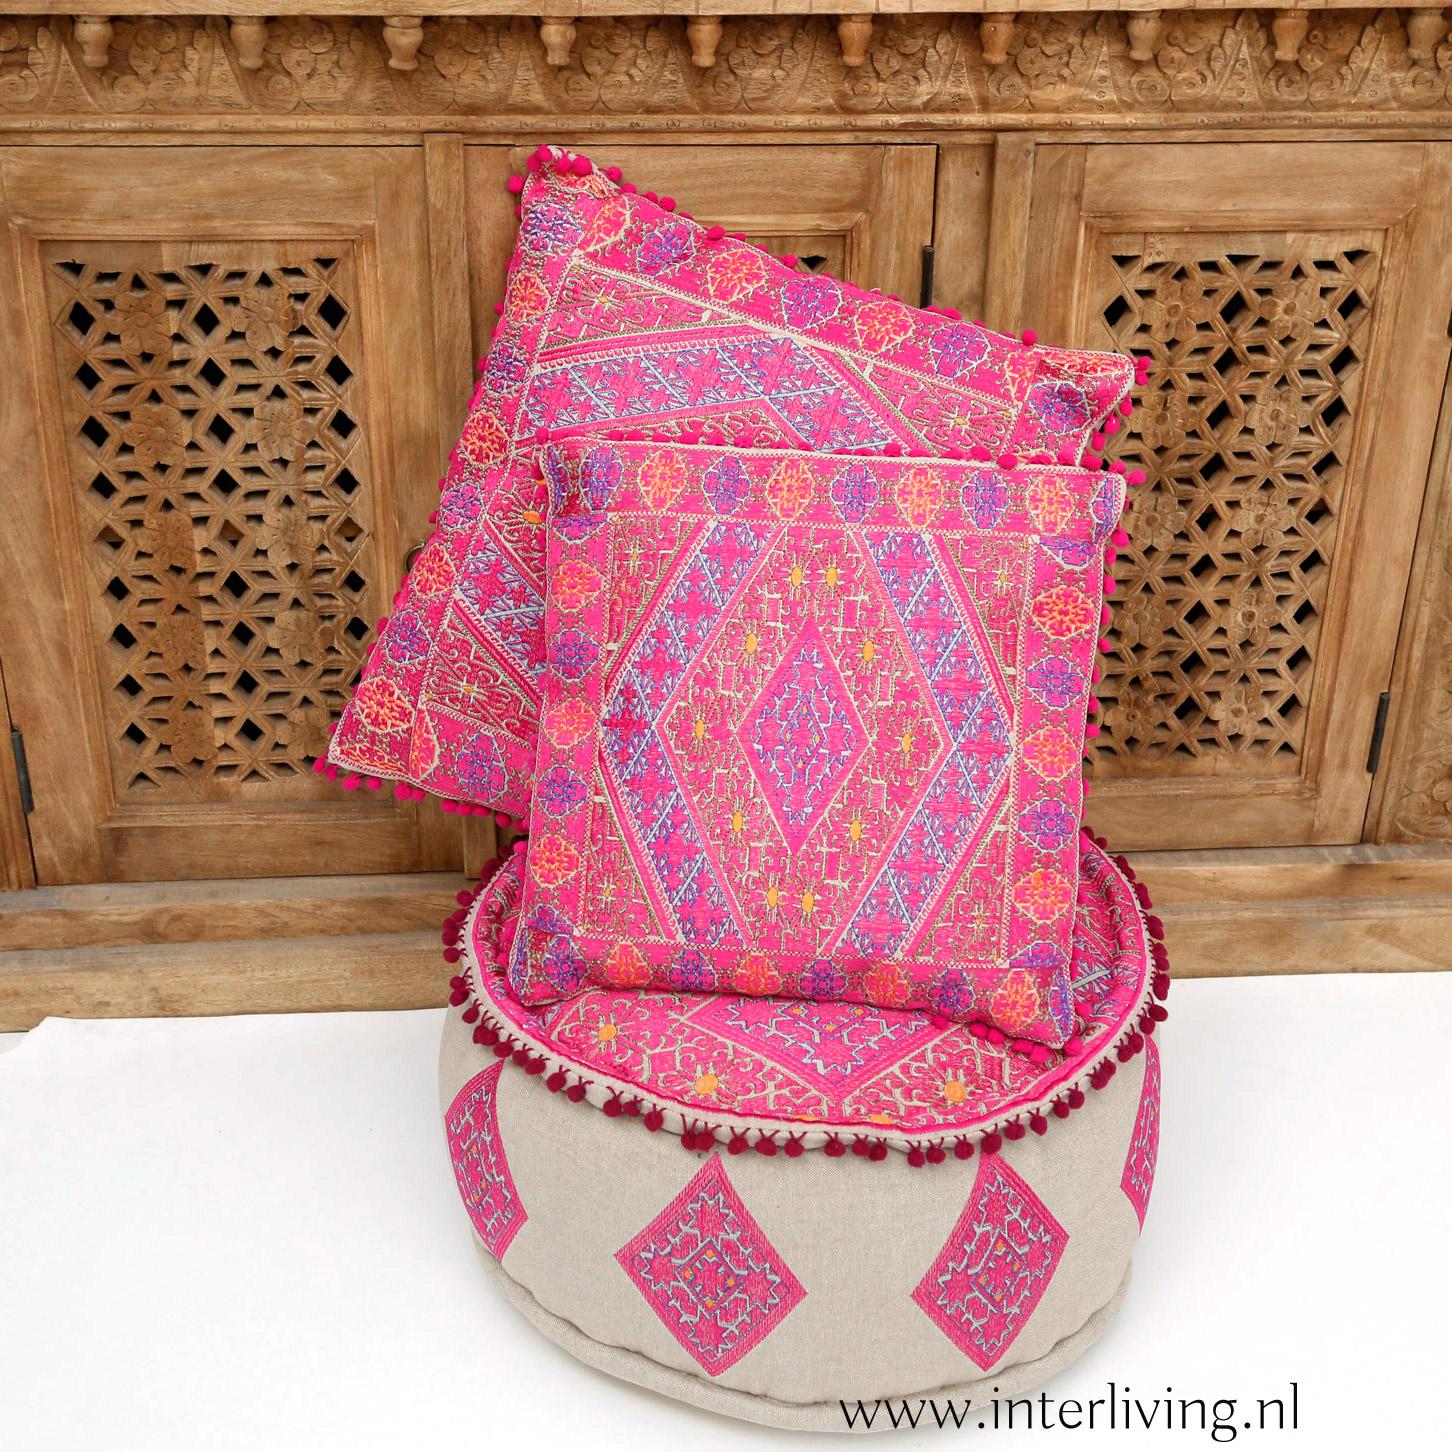 roze marokkaanse kussens